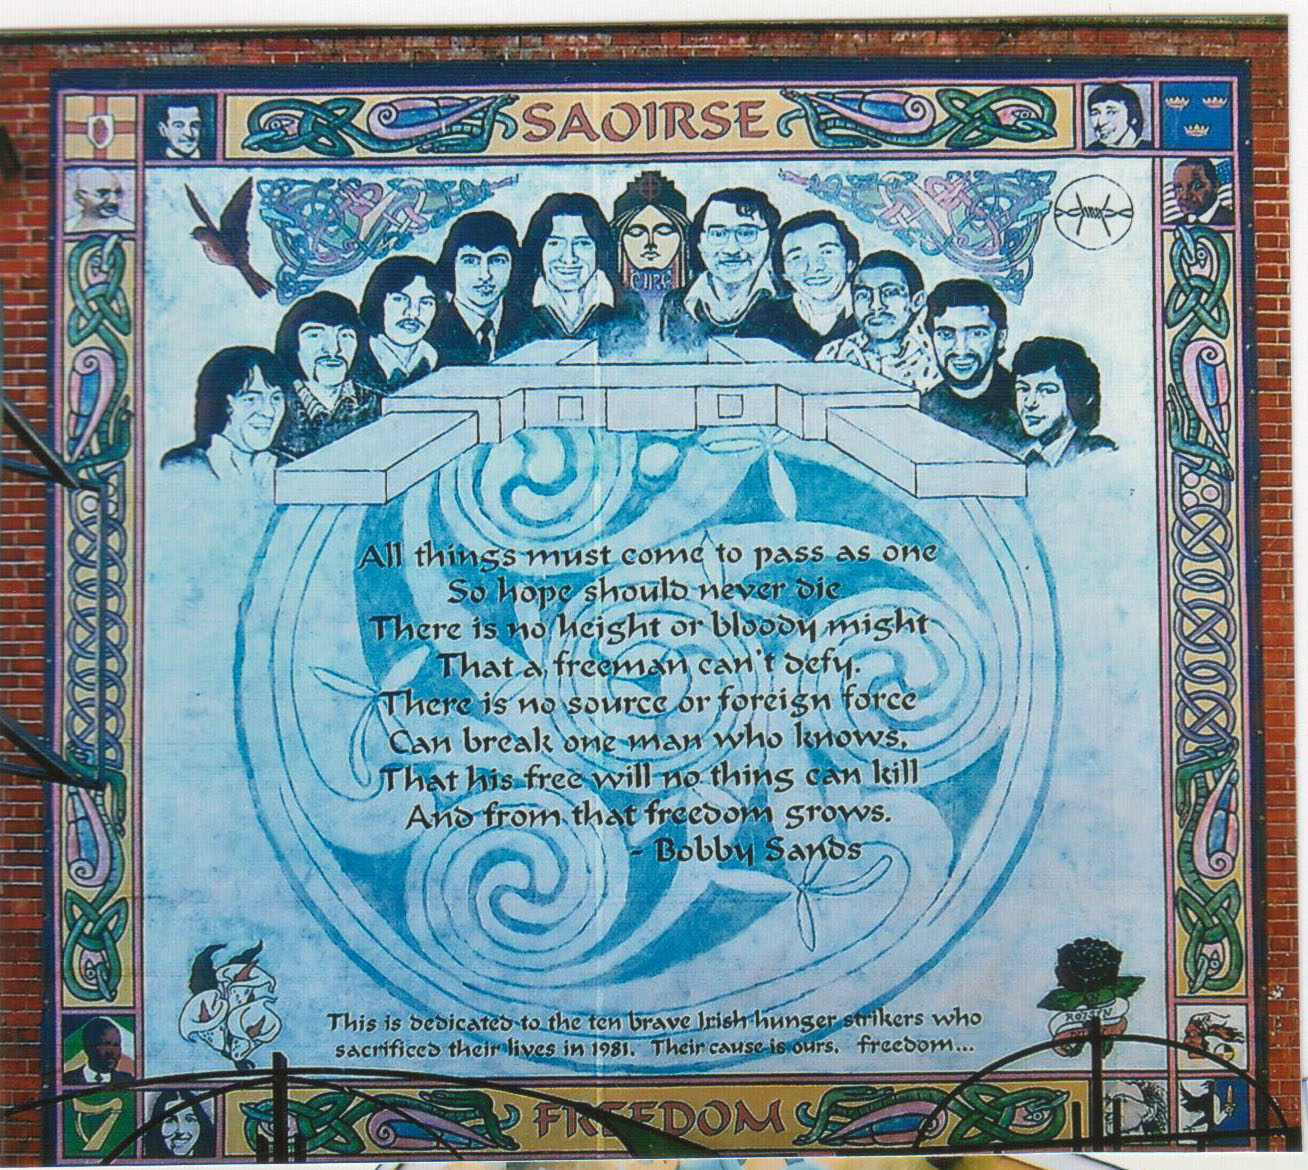 1981, pour protester contre la perte de leur statut de prisonnier politique, 10 jeunes entament une grève de la faim dans la prison de Maze